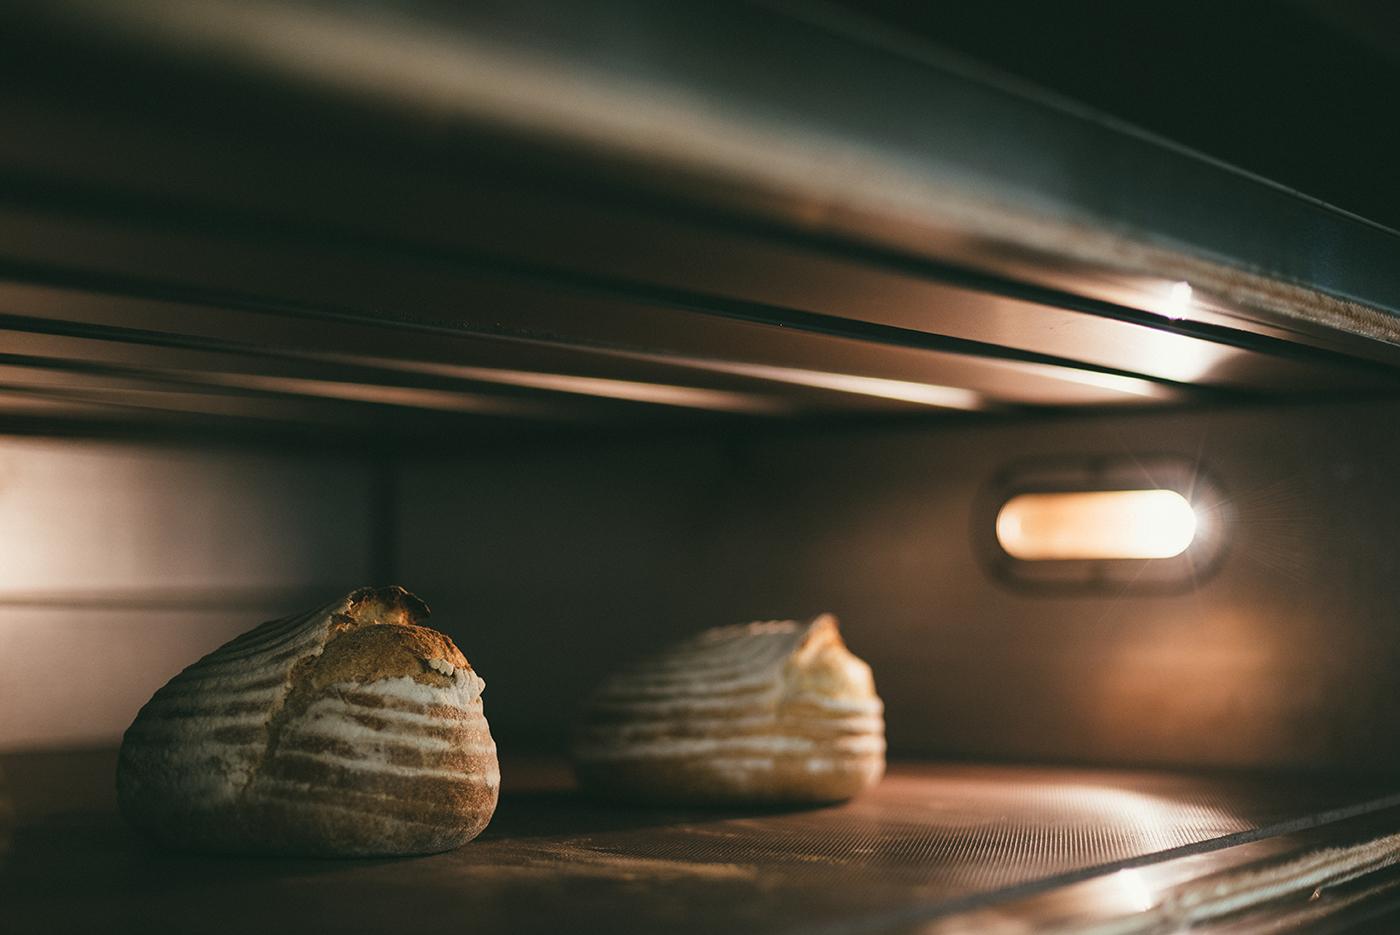 Kameň v peci